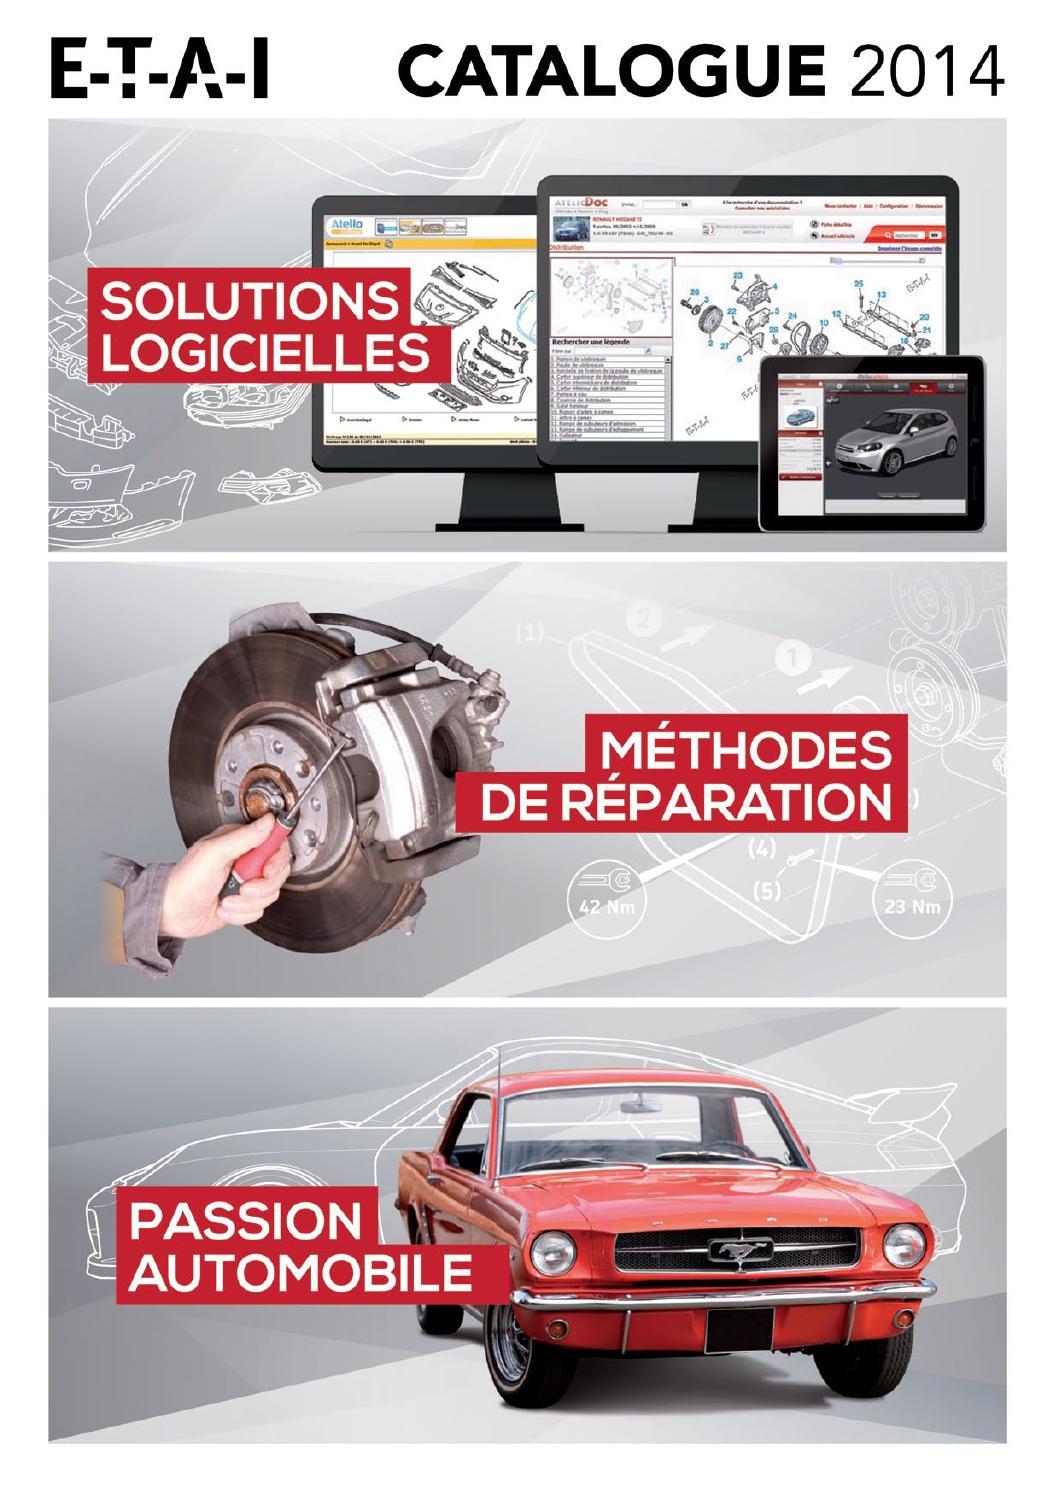 Garnitures Essieu avant pour Porsche 924 va UAT Disques De Frein